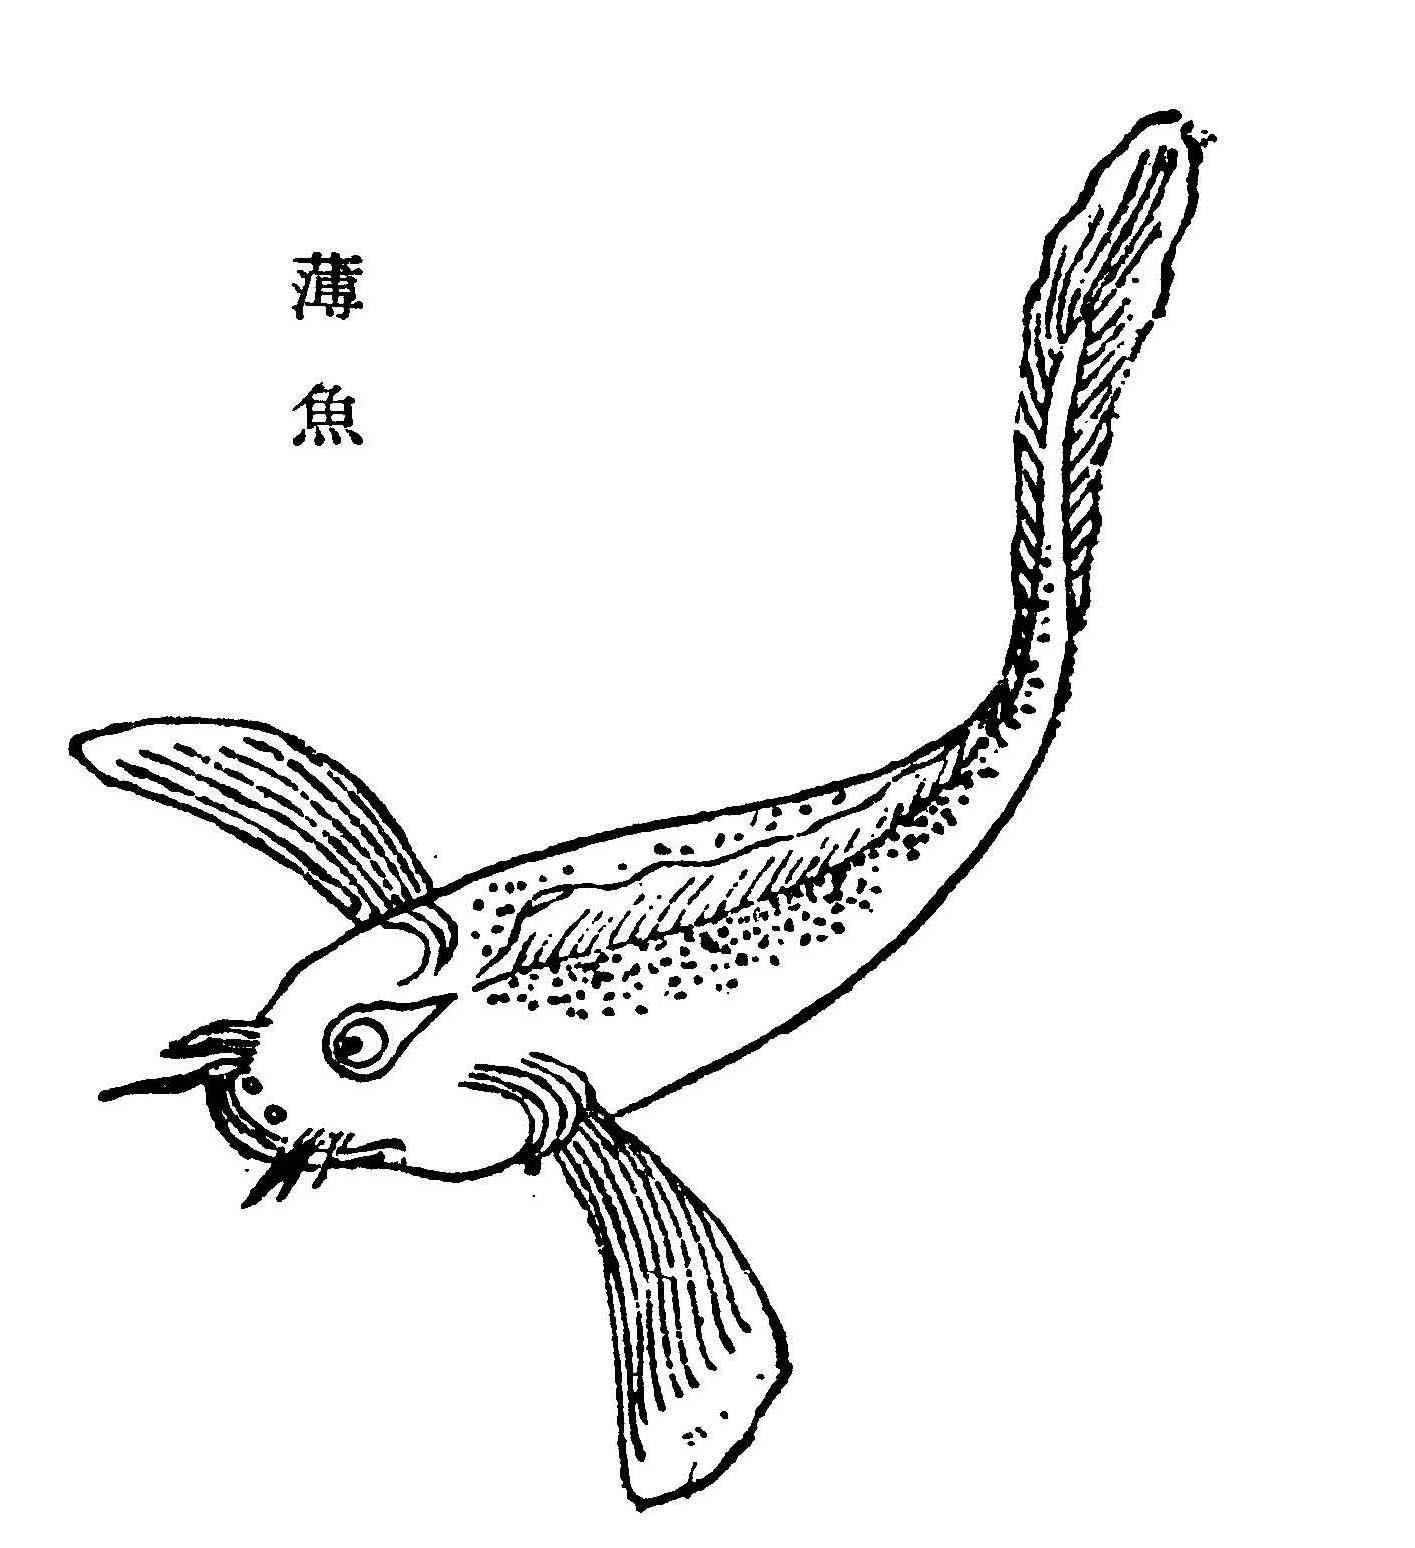 薄鱼插图(1)